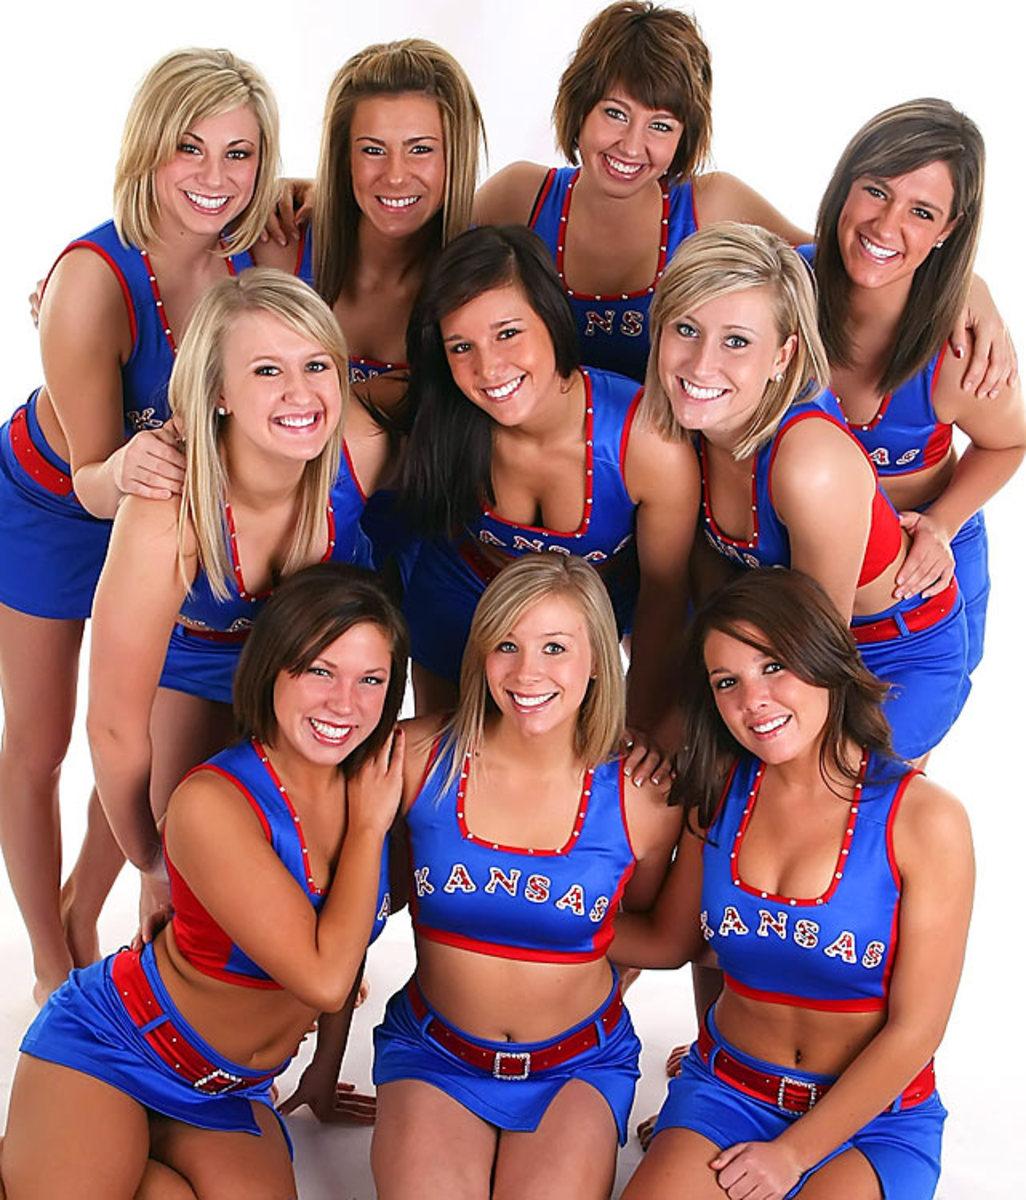 cheerleader.YPM36846.jpg